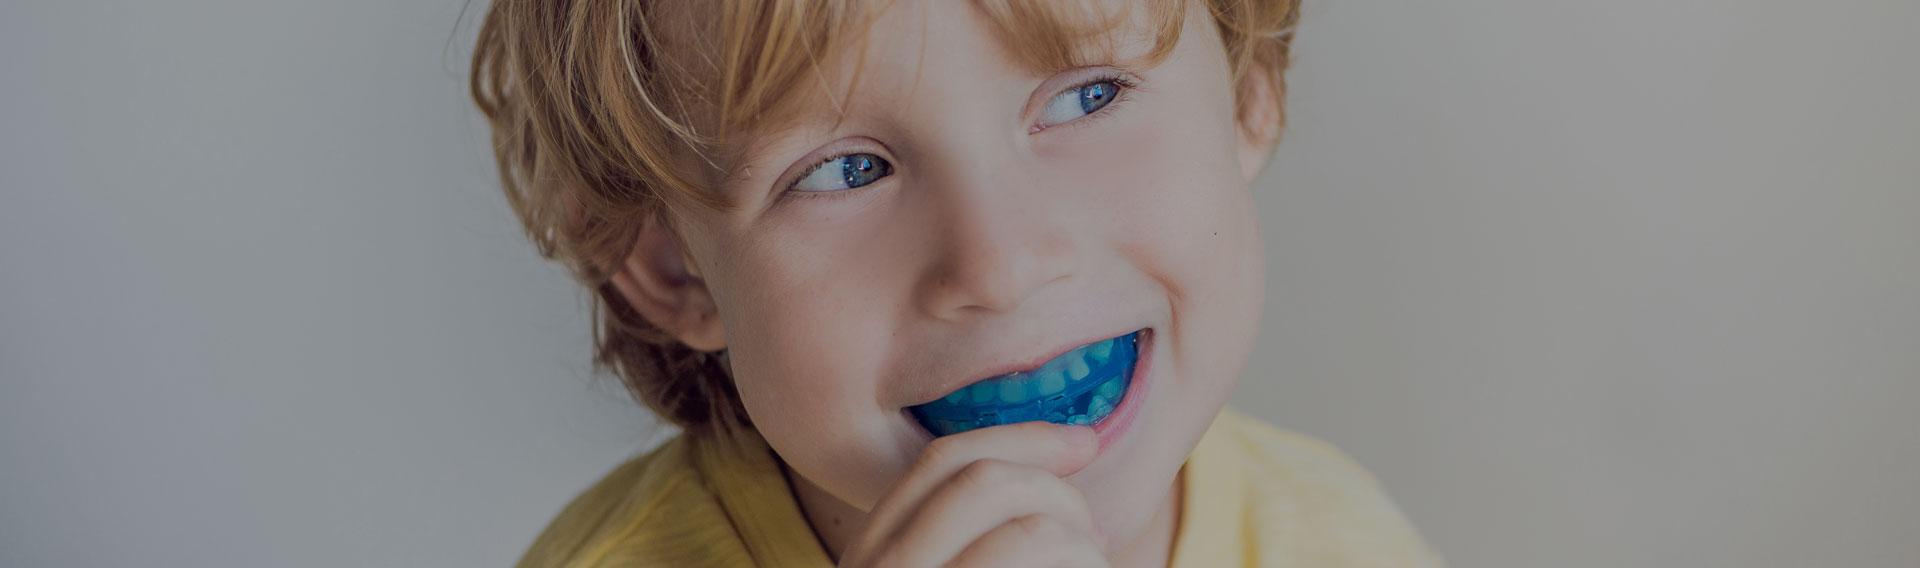 ortodoncistas exclusivos para niños y niñas